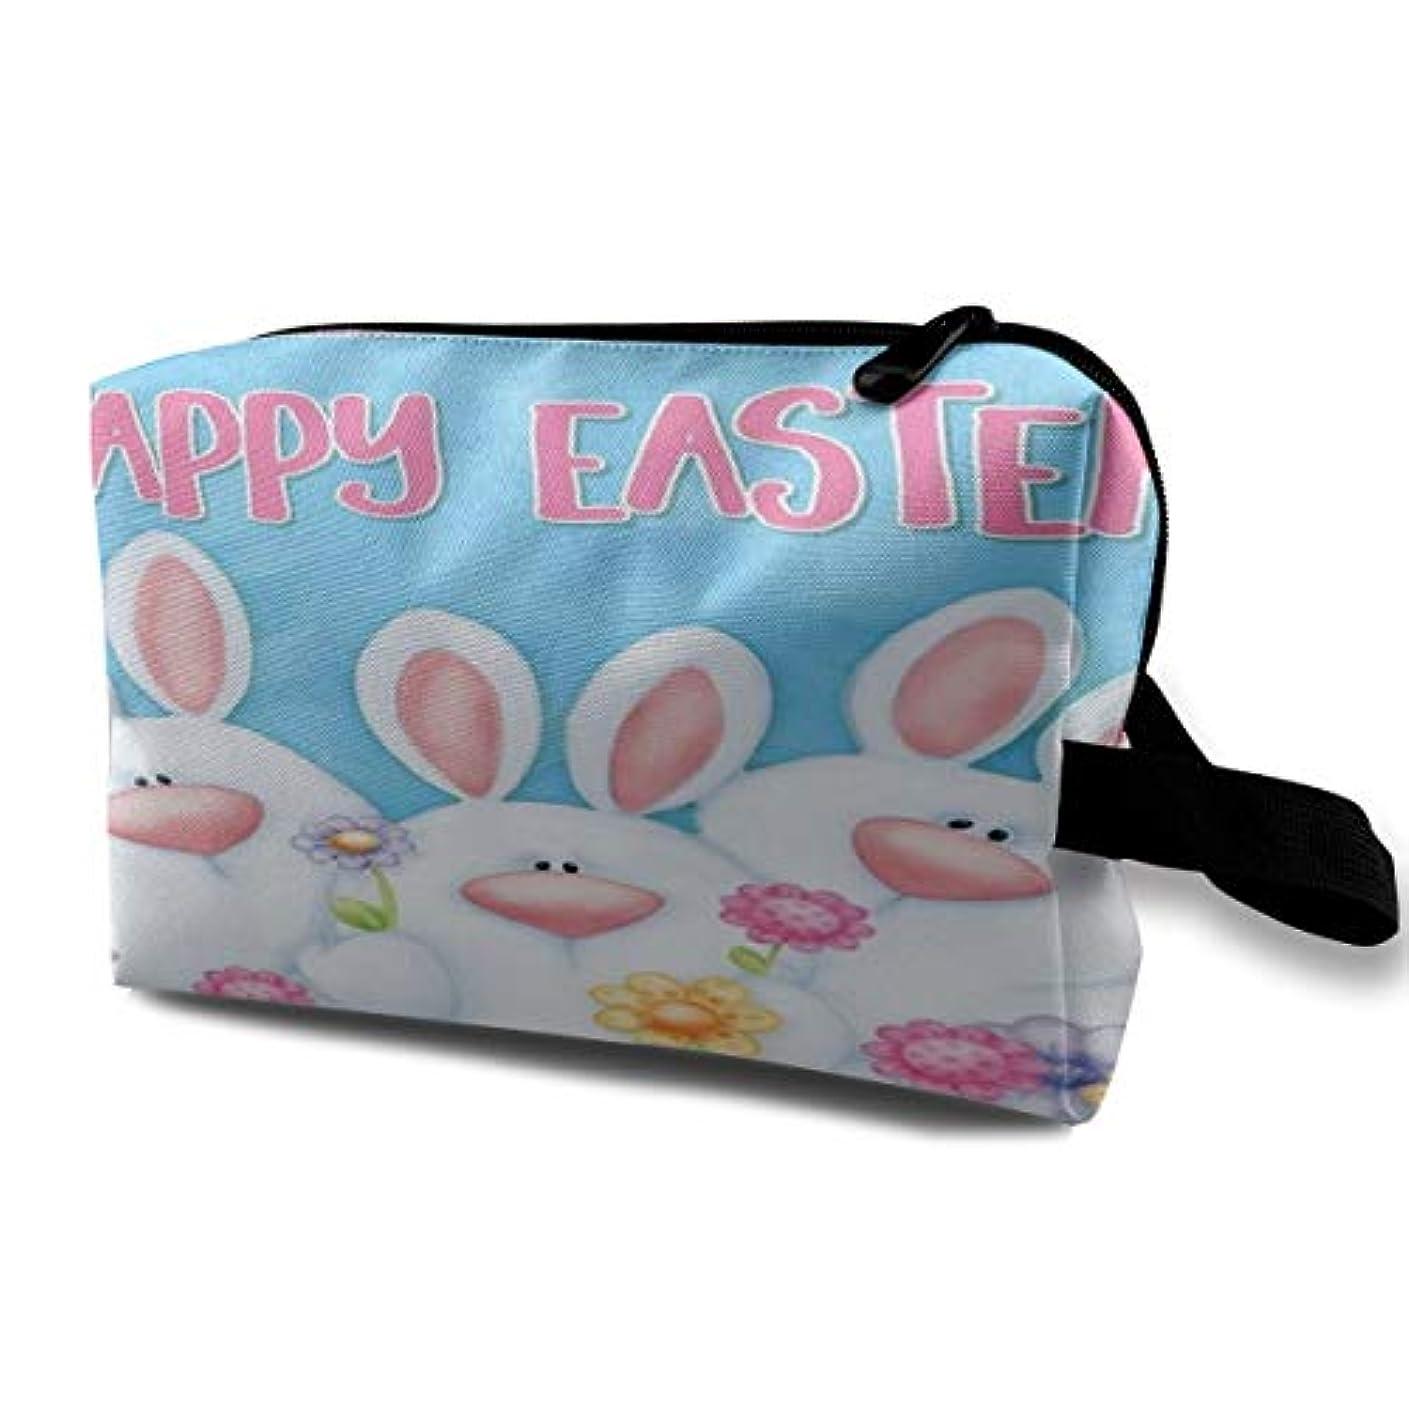 兄弟愛過剰セメントHappy Easter Bunny Holding Flowers 収納ポーチ 化粧ポーチ 大容量 軽量 耐久性 ハンドル付持ち運び便利。入れ 自宅・出張・旅行・アウトドア撮影などに対応。メンズ レディース トラベルグッズ